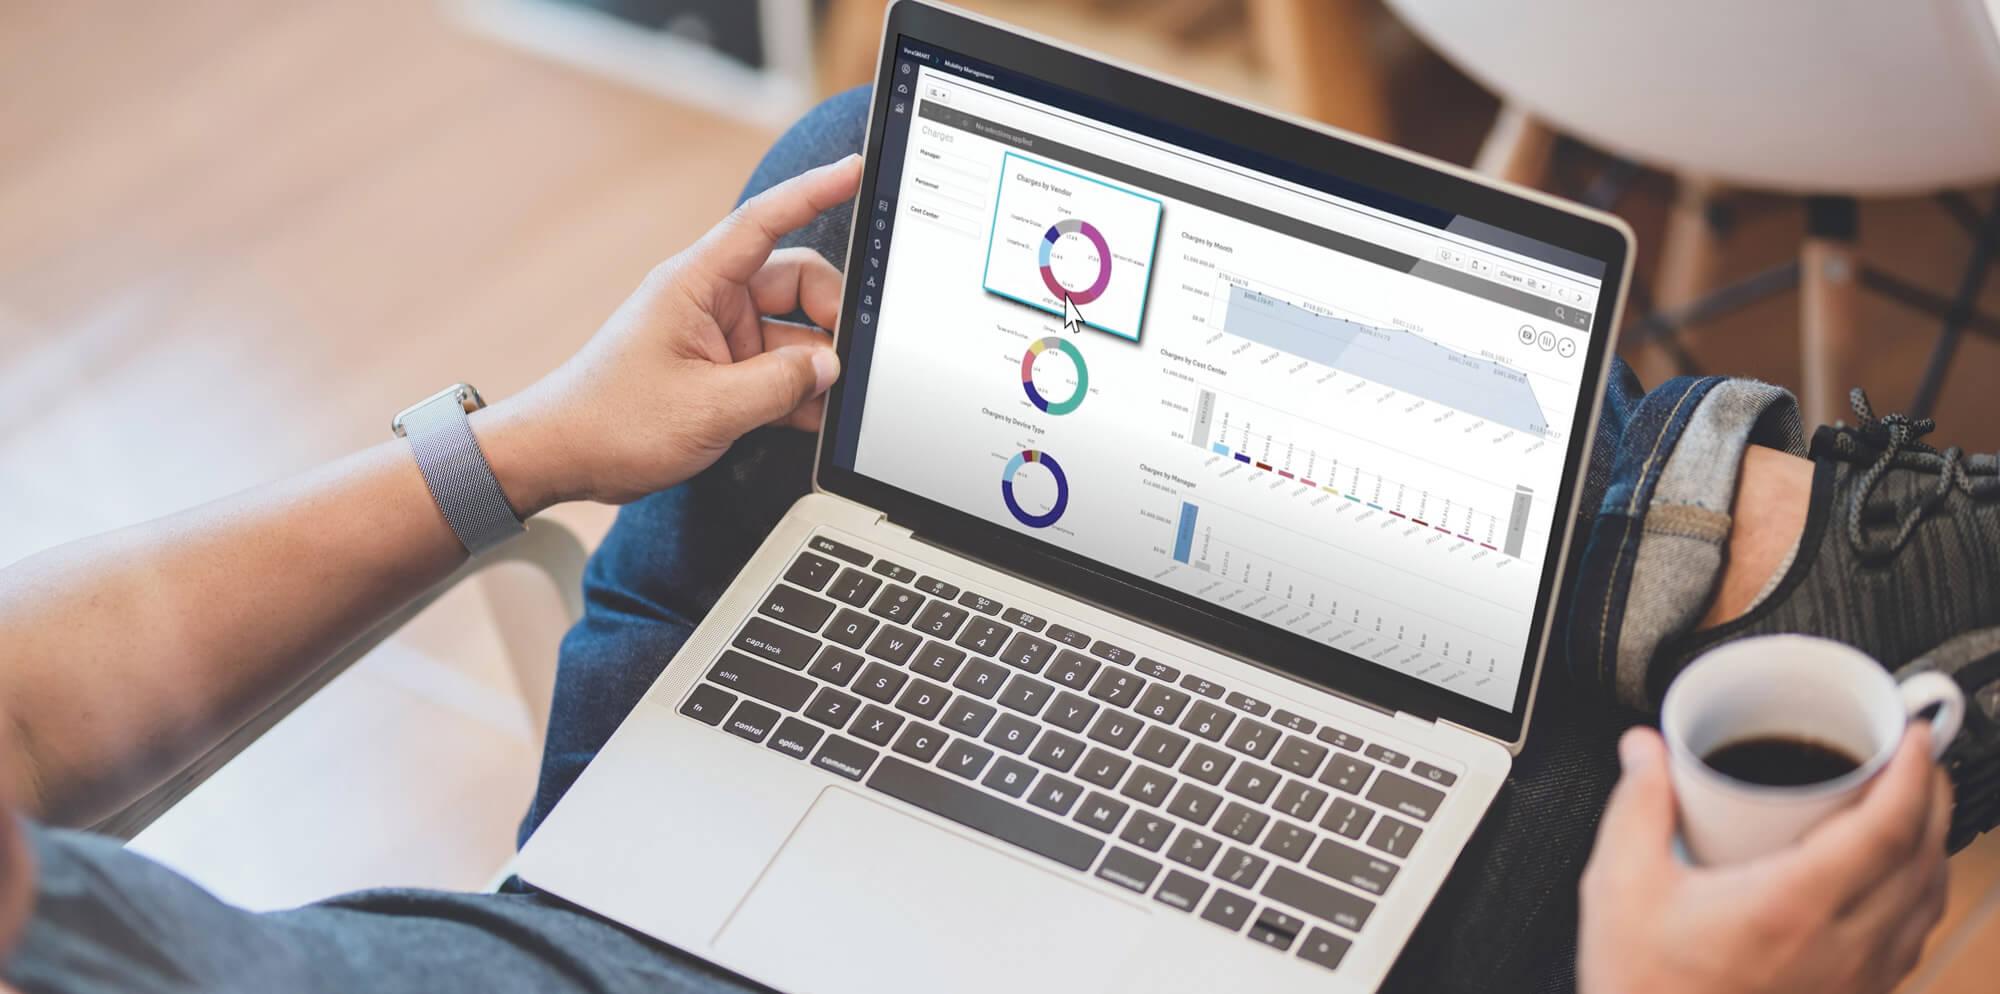 BusinessCasualLaptop